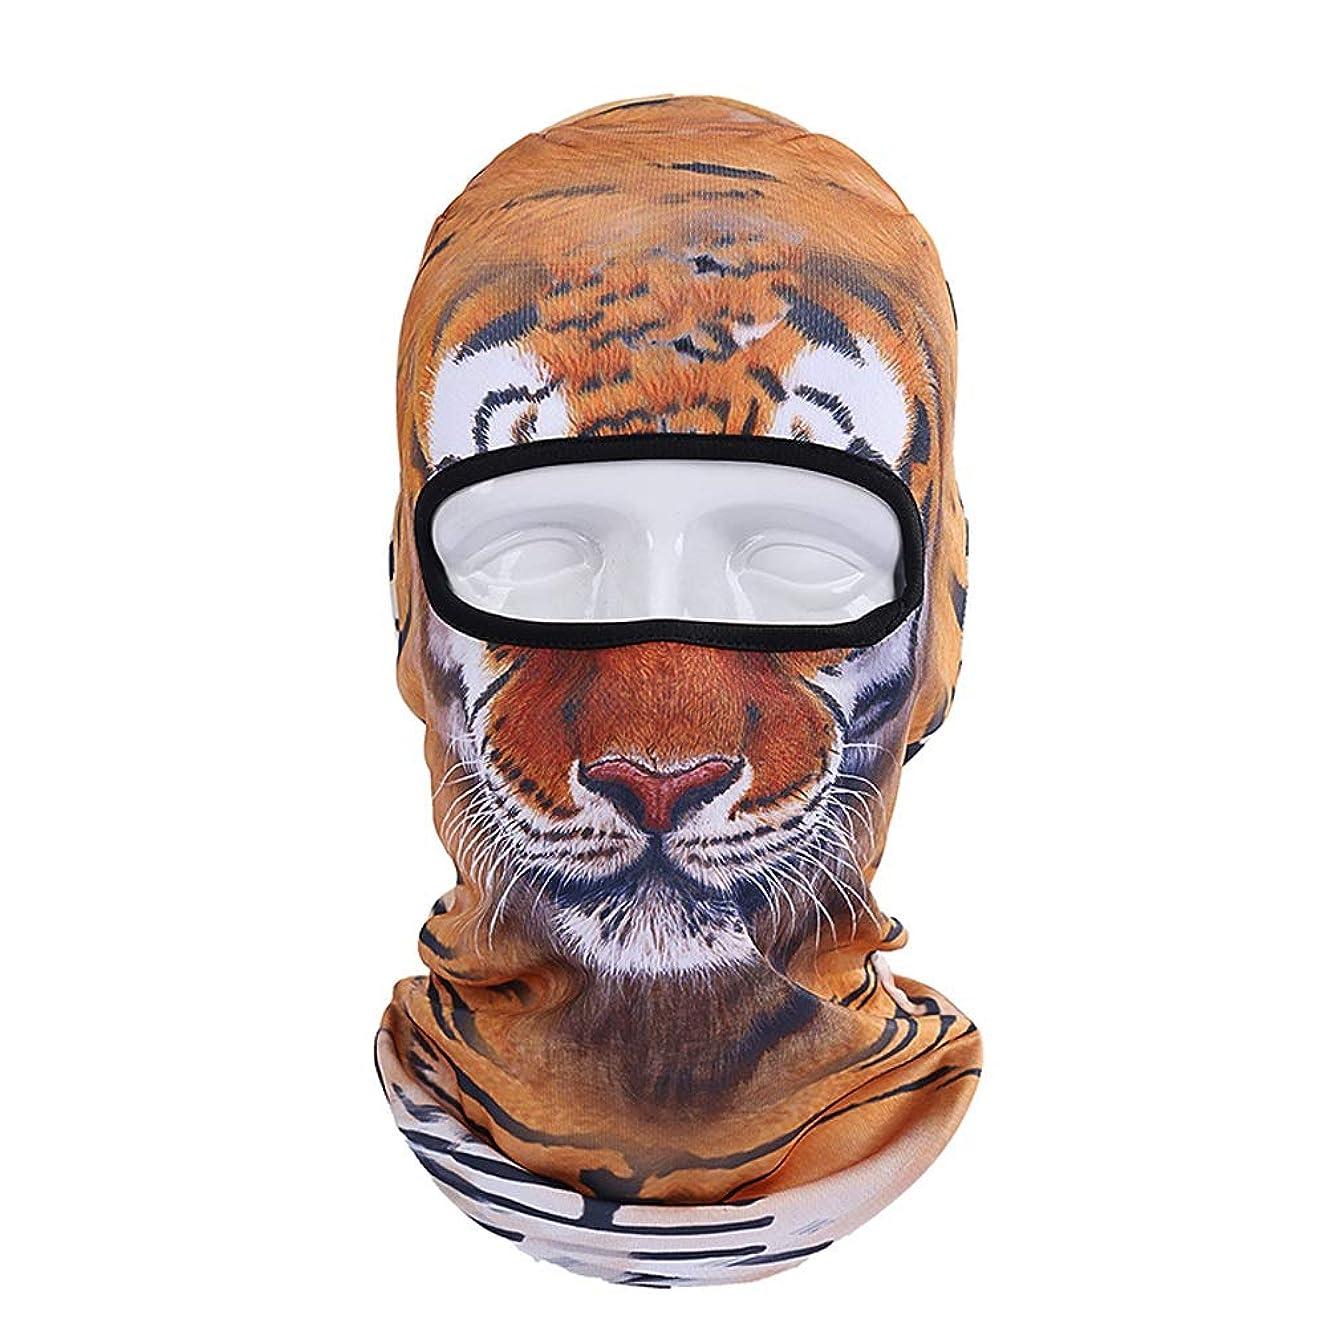 荒涼とした消毒剤法律温he アニマル柄360度サンプロテクションサンシェードフェイスジニ Facekini (パターン : Tiger)